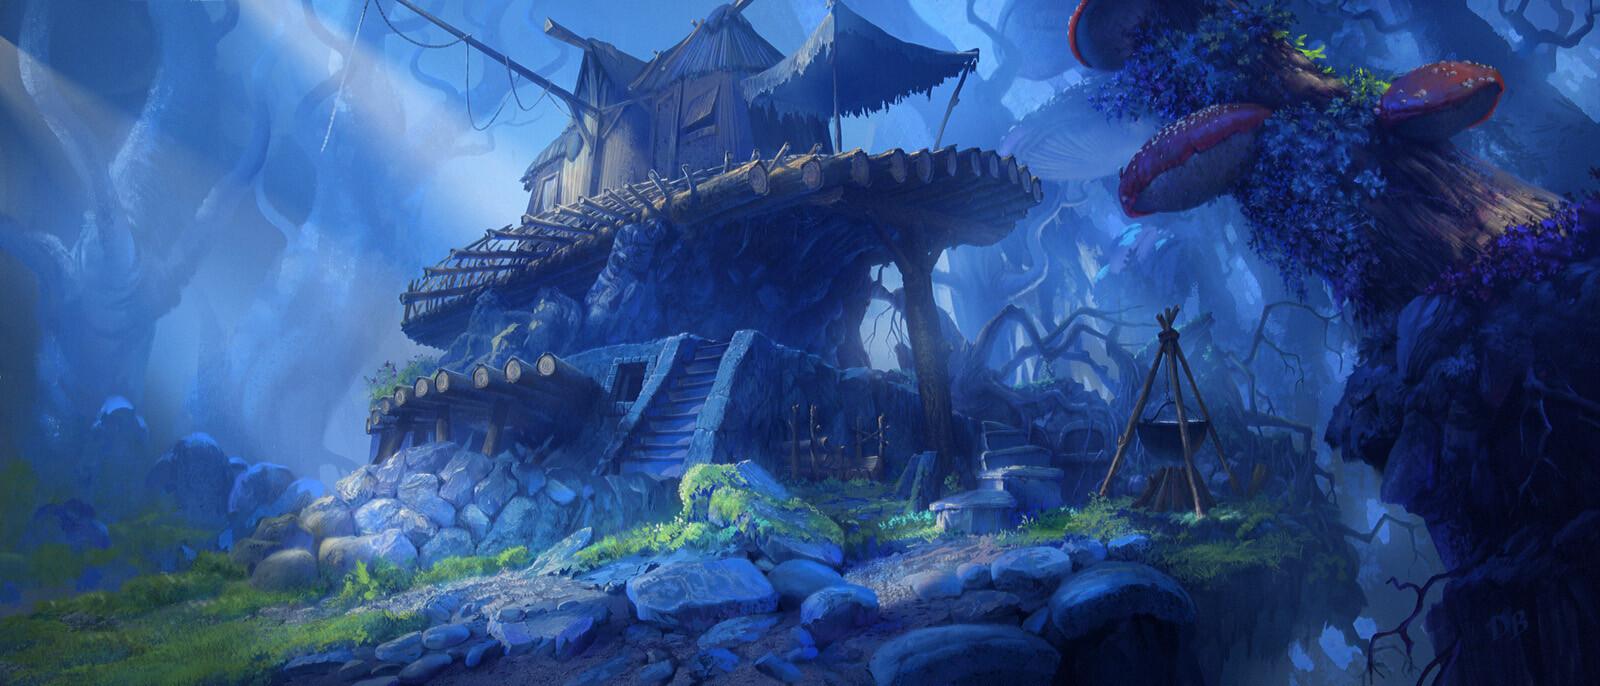 Damian bajowski witchs hut v13